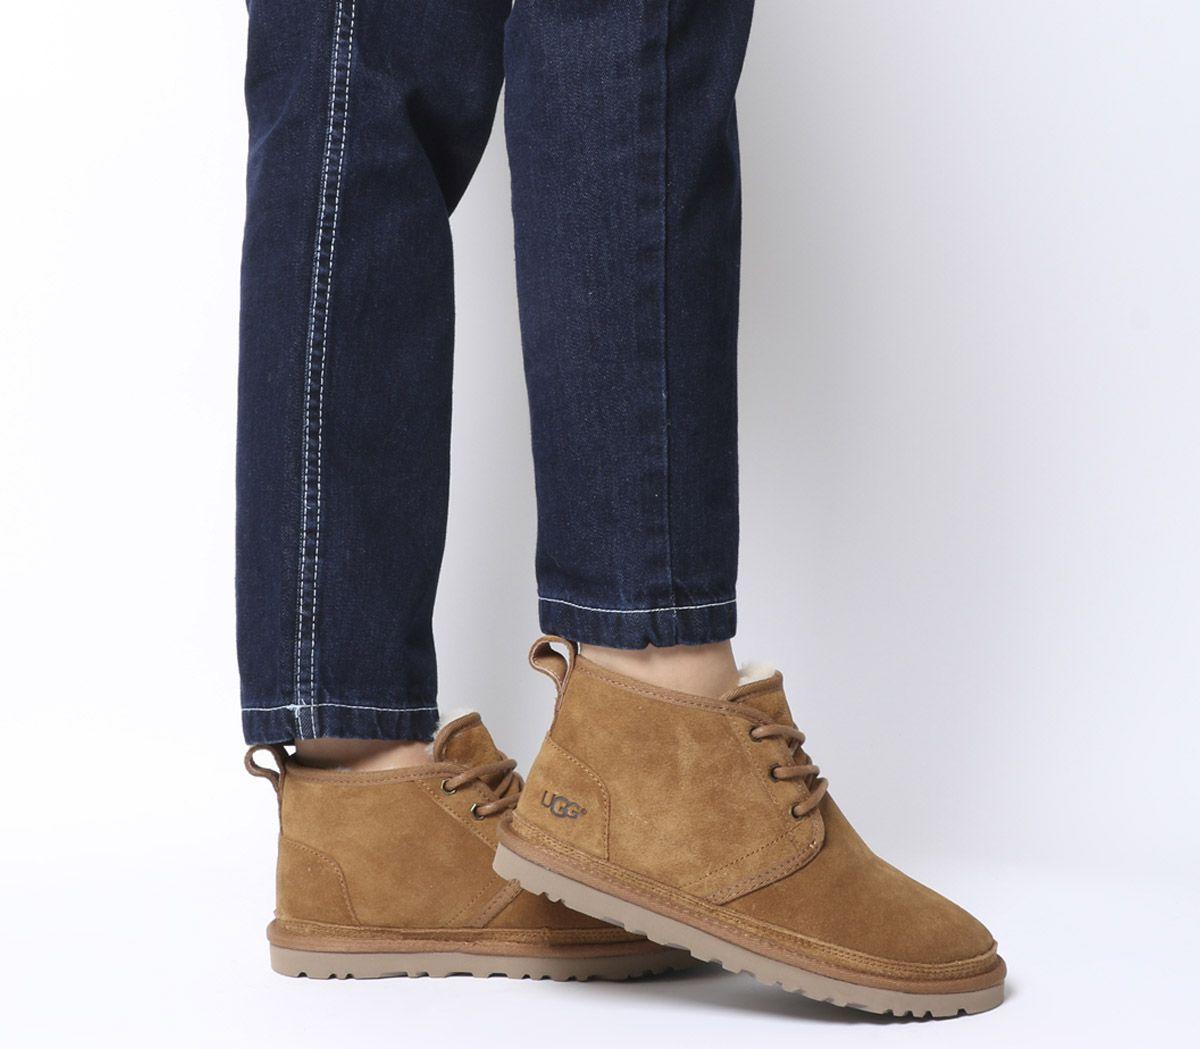 d3da229ade9 Neumel Boots